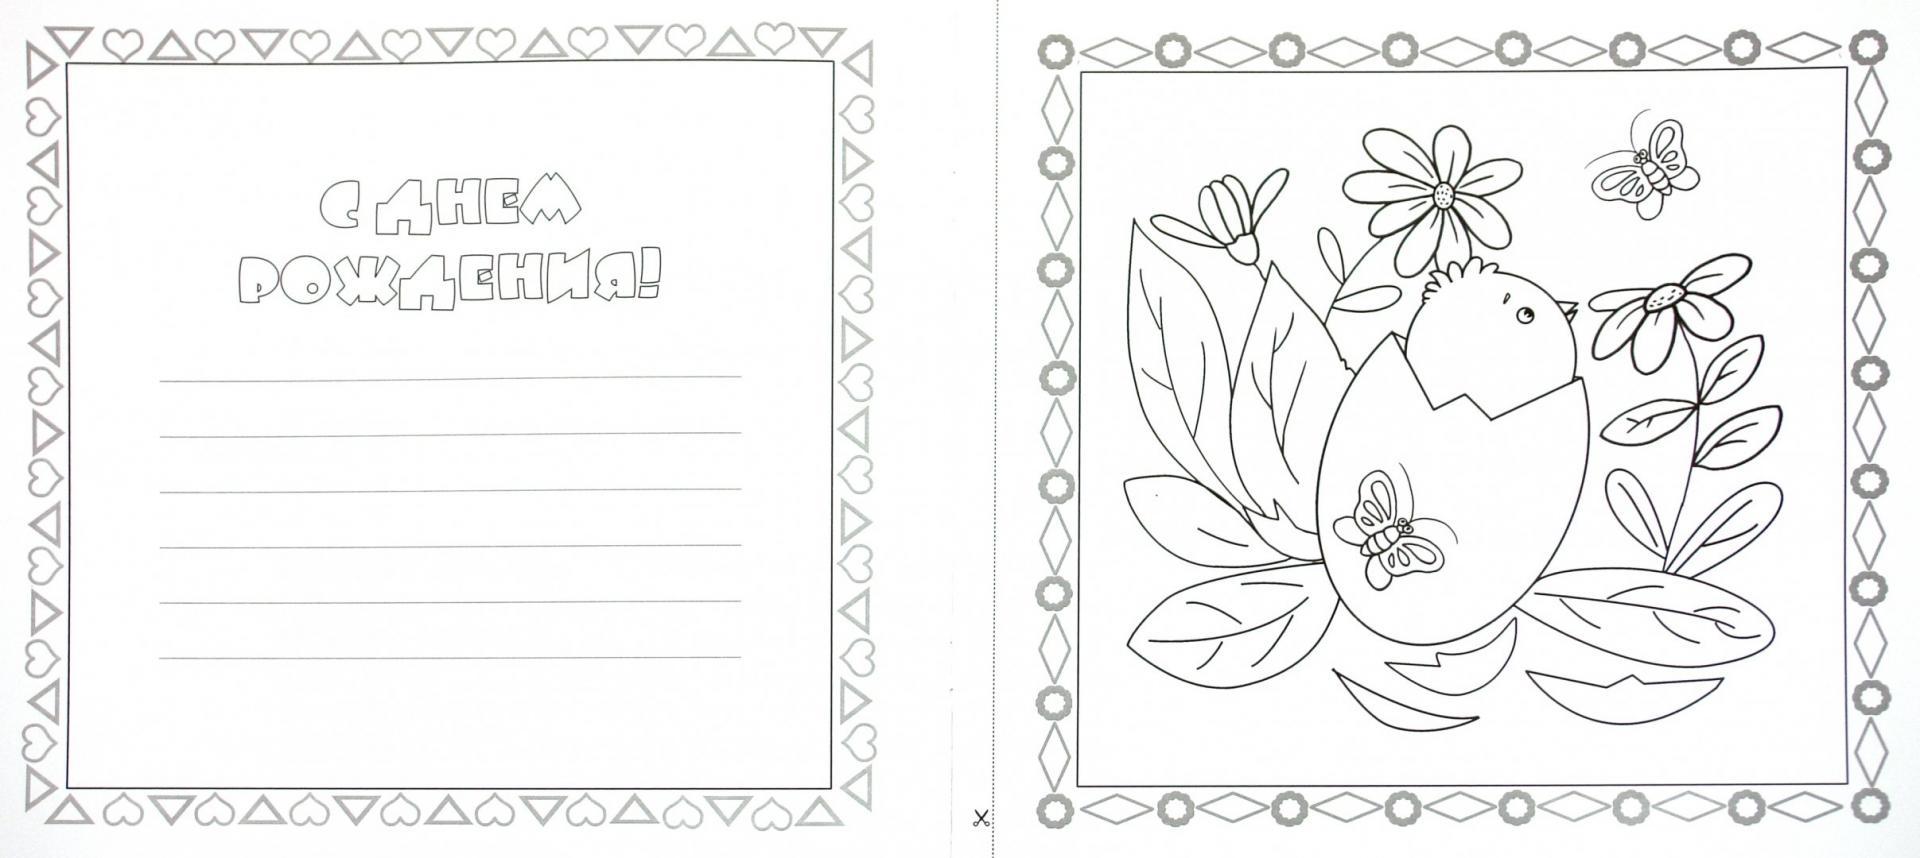 Раскраски открытки с днем рождения распечатать